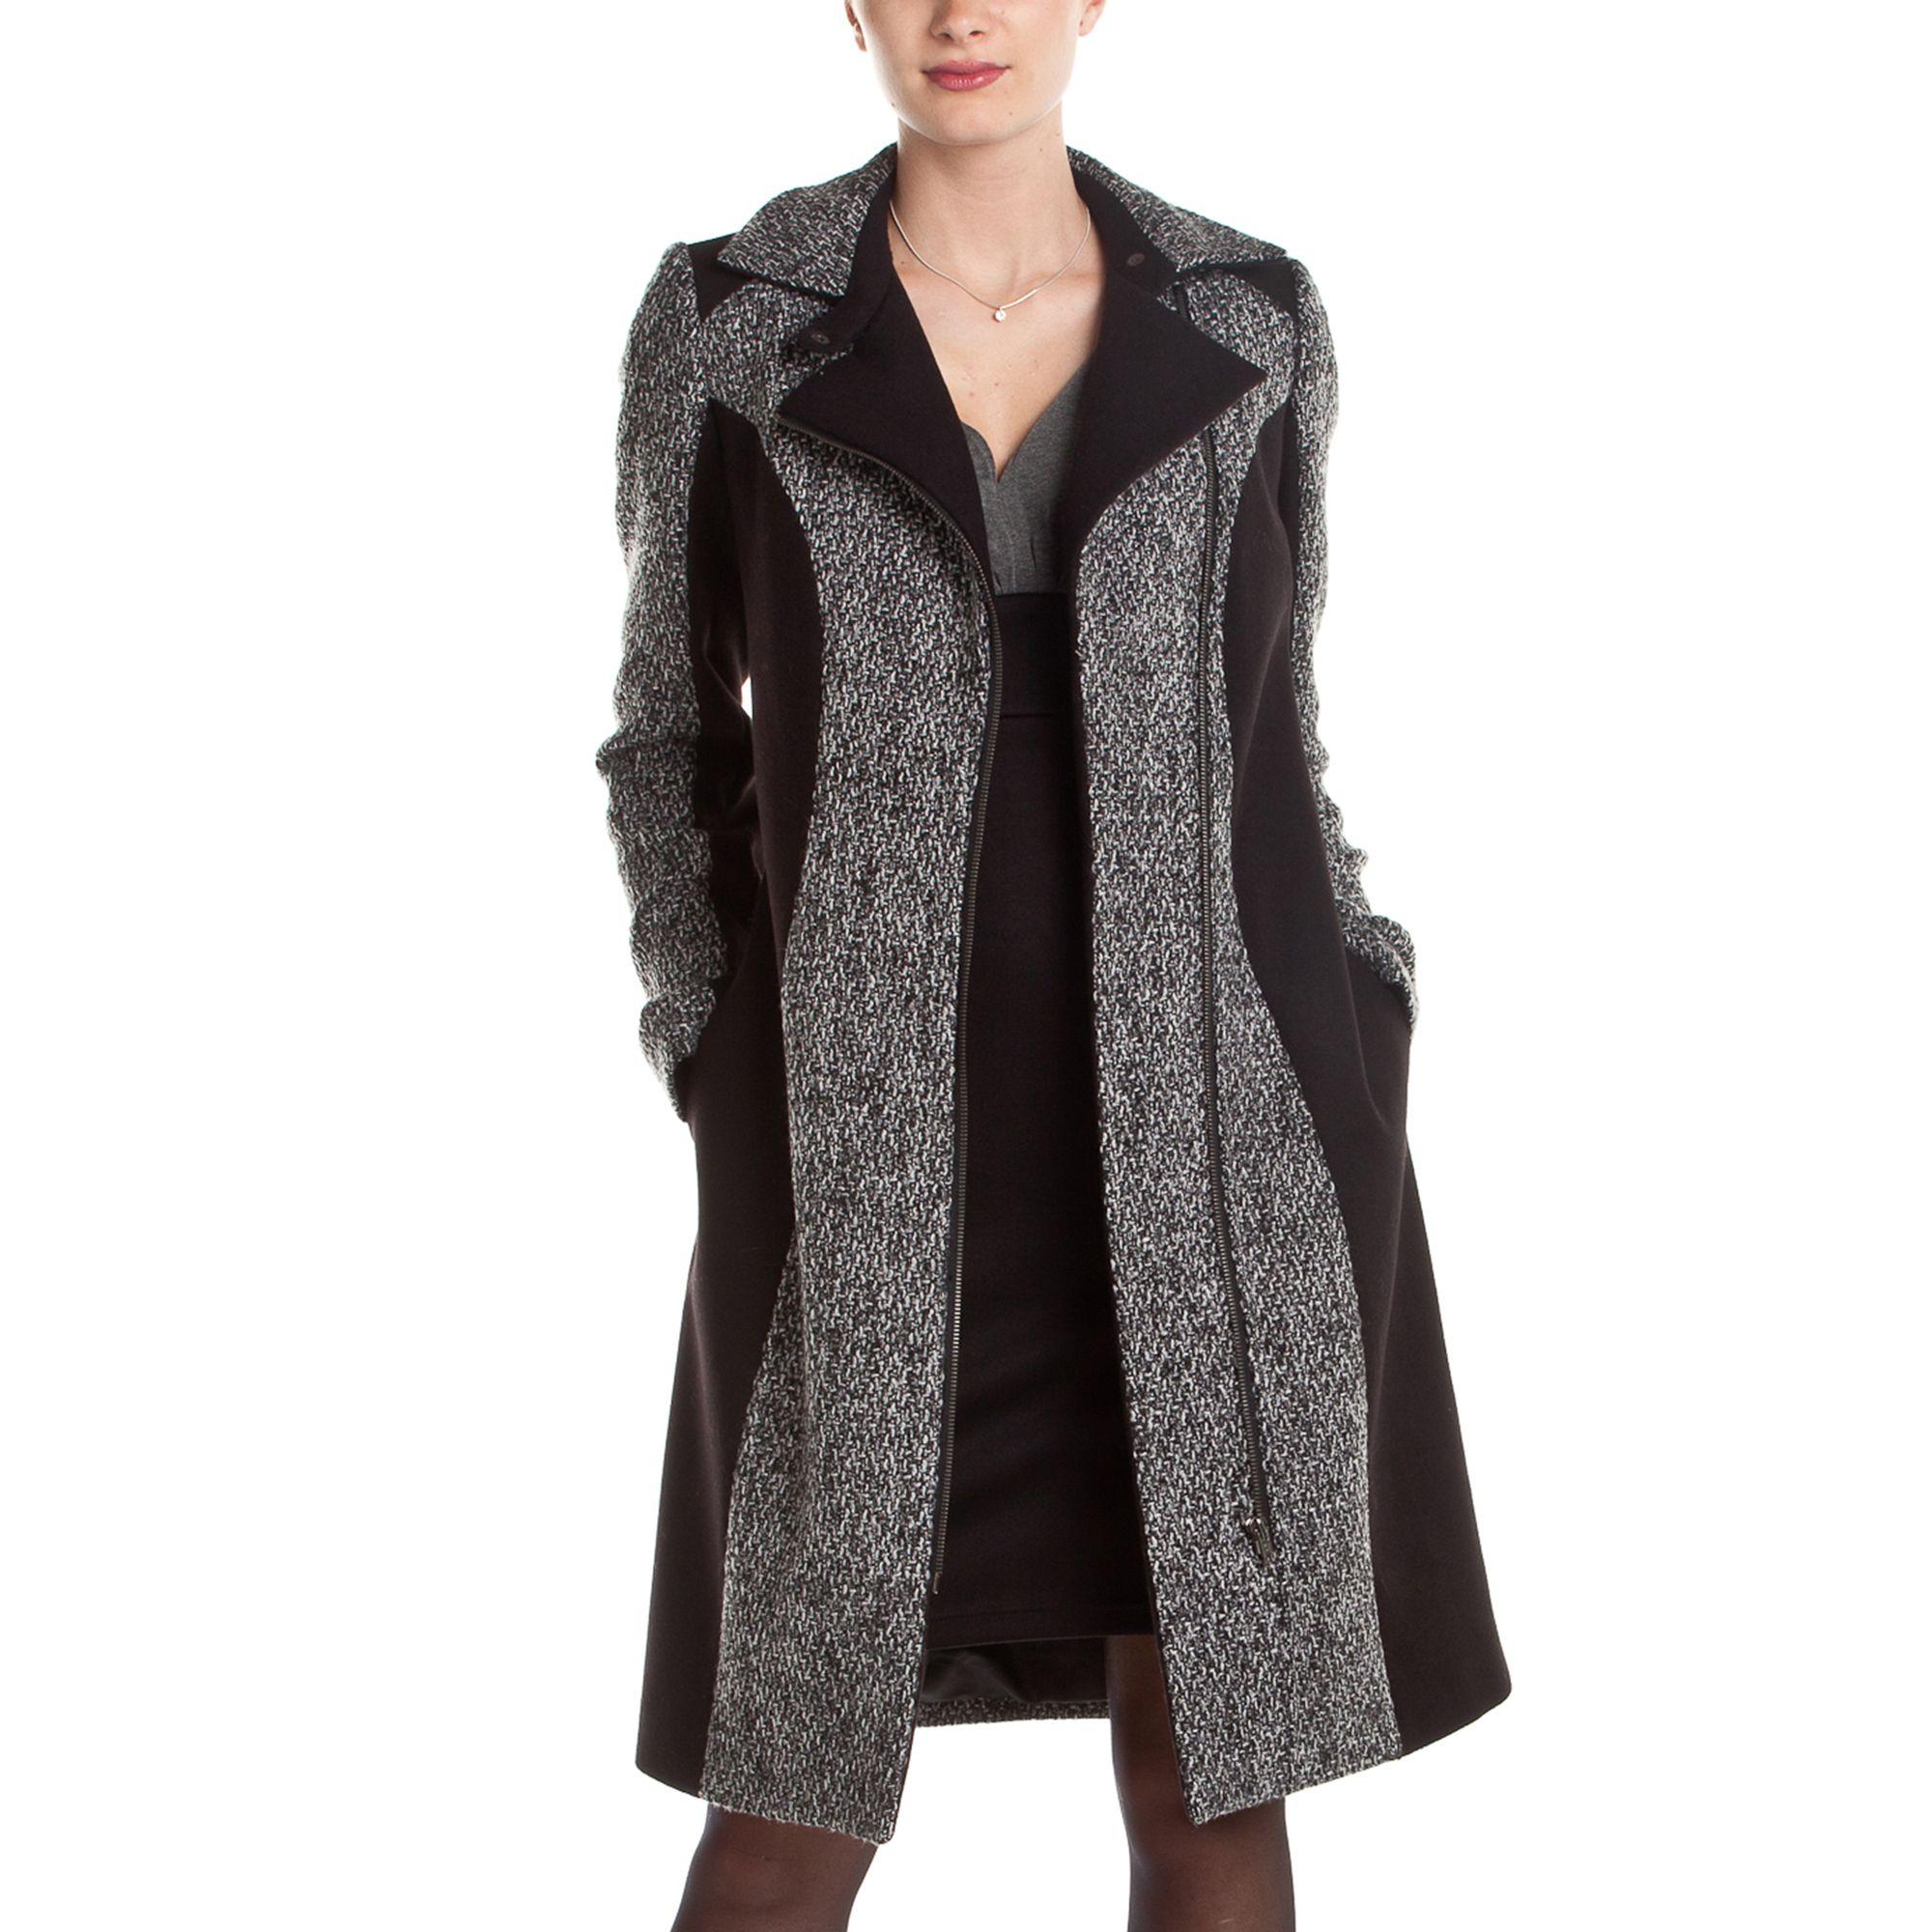 Manteau femme VOTRE MODE - 3 Suisses